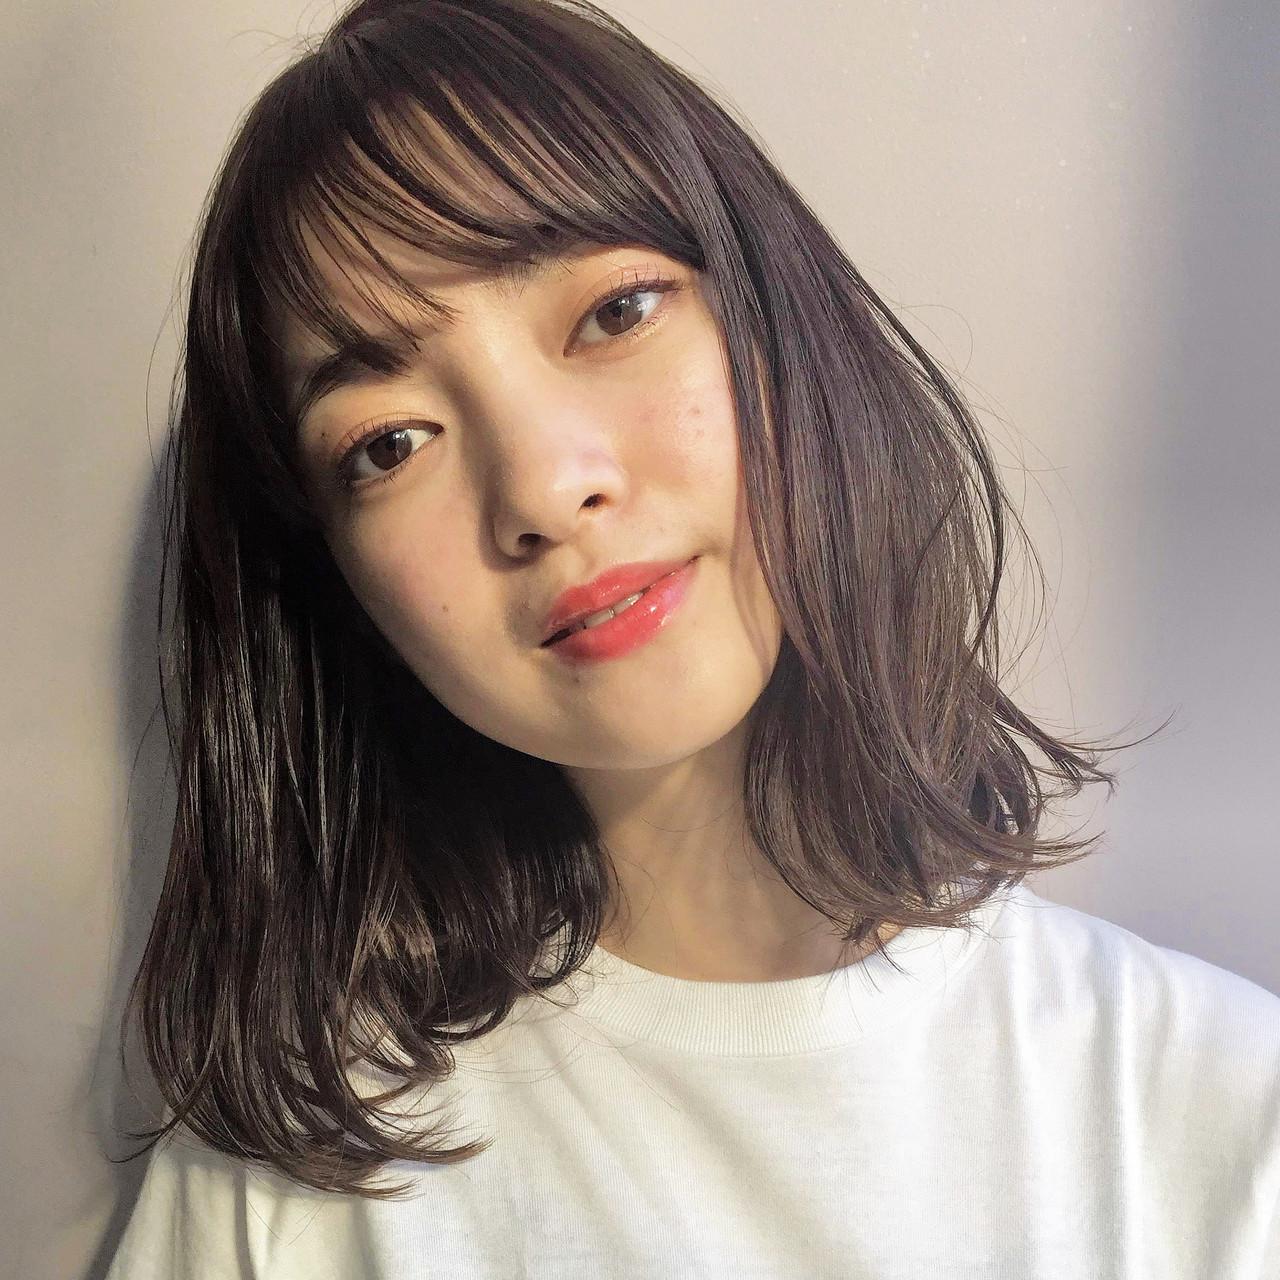 鎖骨ミディアム 透明感カラー 小顔 前髪あり ヘアスタイルや髪型の写真・画像